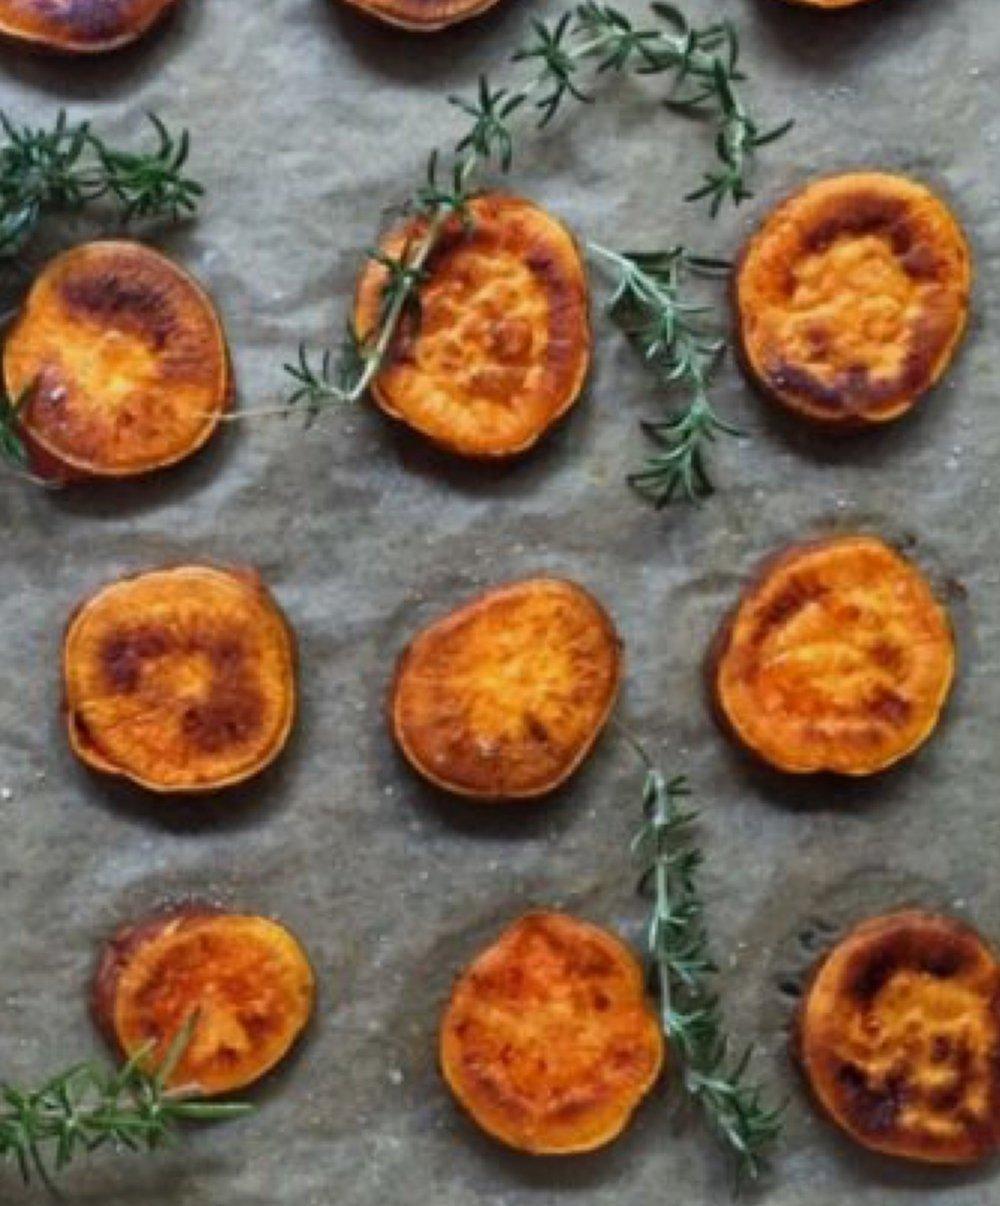 Batata en rodajas al horno con romero